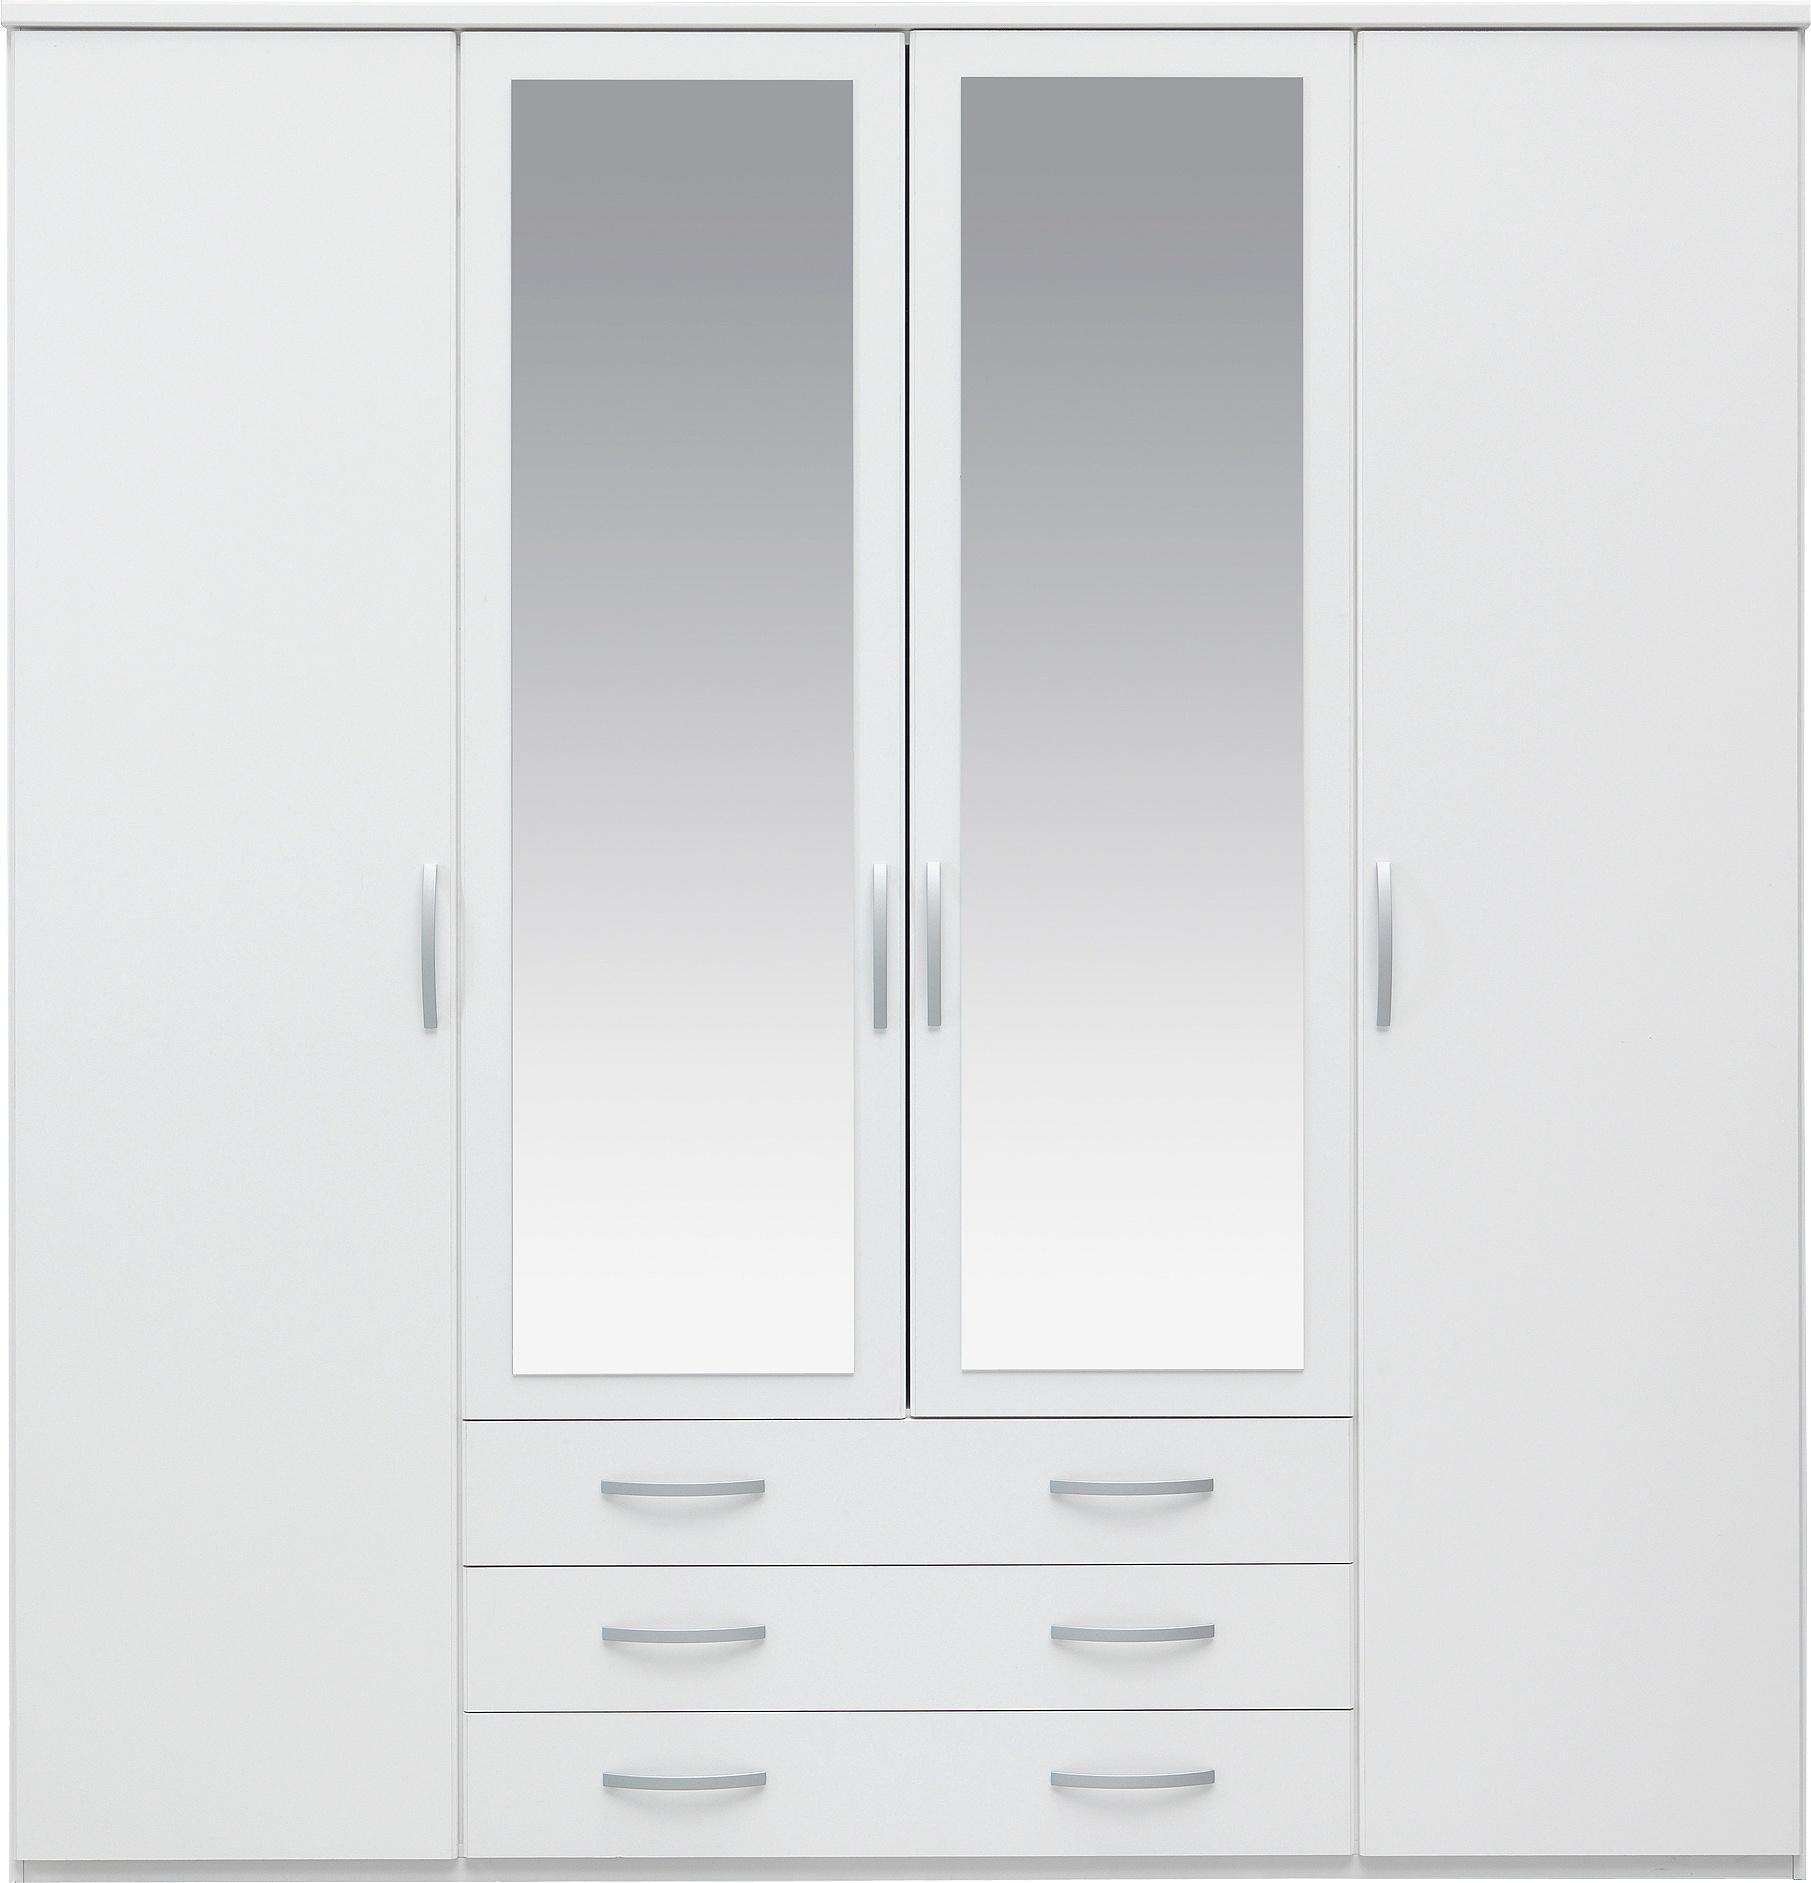 white wardrobes collection hallingford 4dr 3drw mirrored wardrobe - white PENKHPN